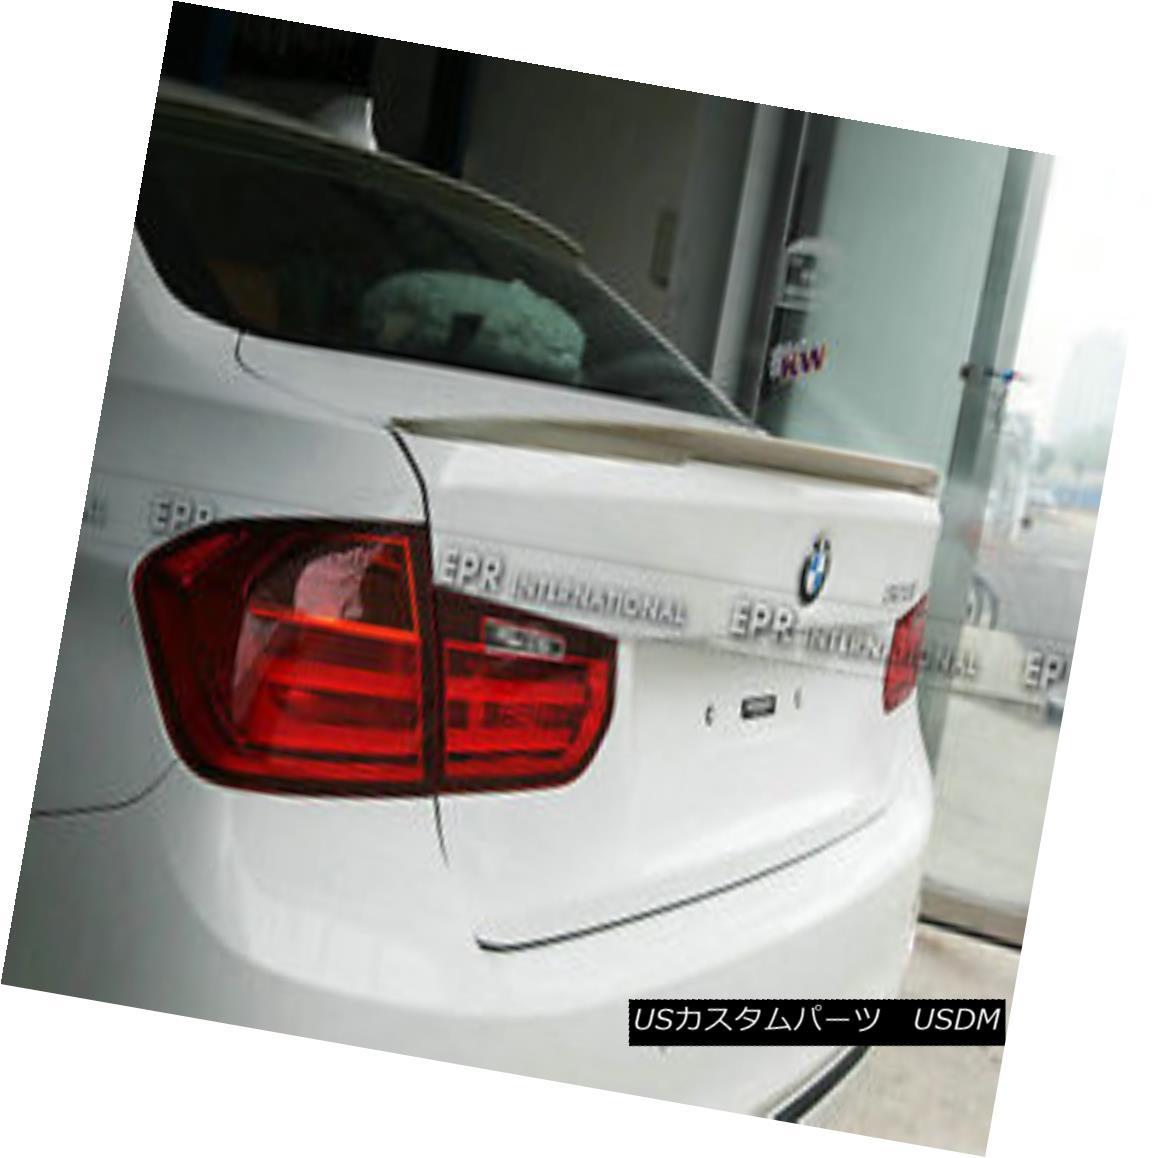 エアロパーツ For BMW F30 Rear Trunk Spoiler Wing Lip (Big) Protector Wings P-Style FRP BMW F30用リアトランクスポイラーウイングリップ(ビッグ)プロテクターウイングP-スタイルFRP